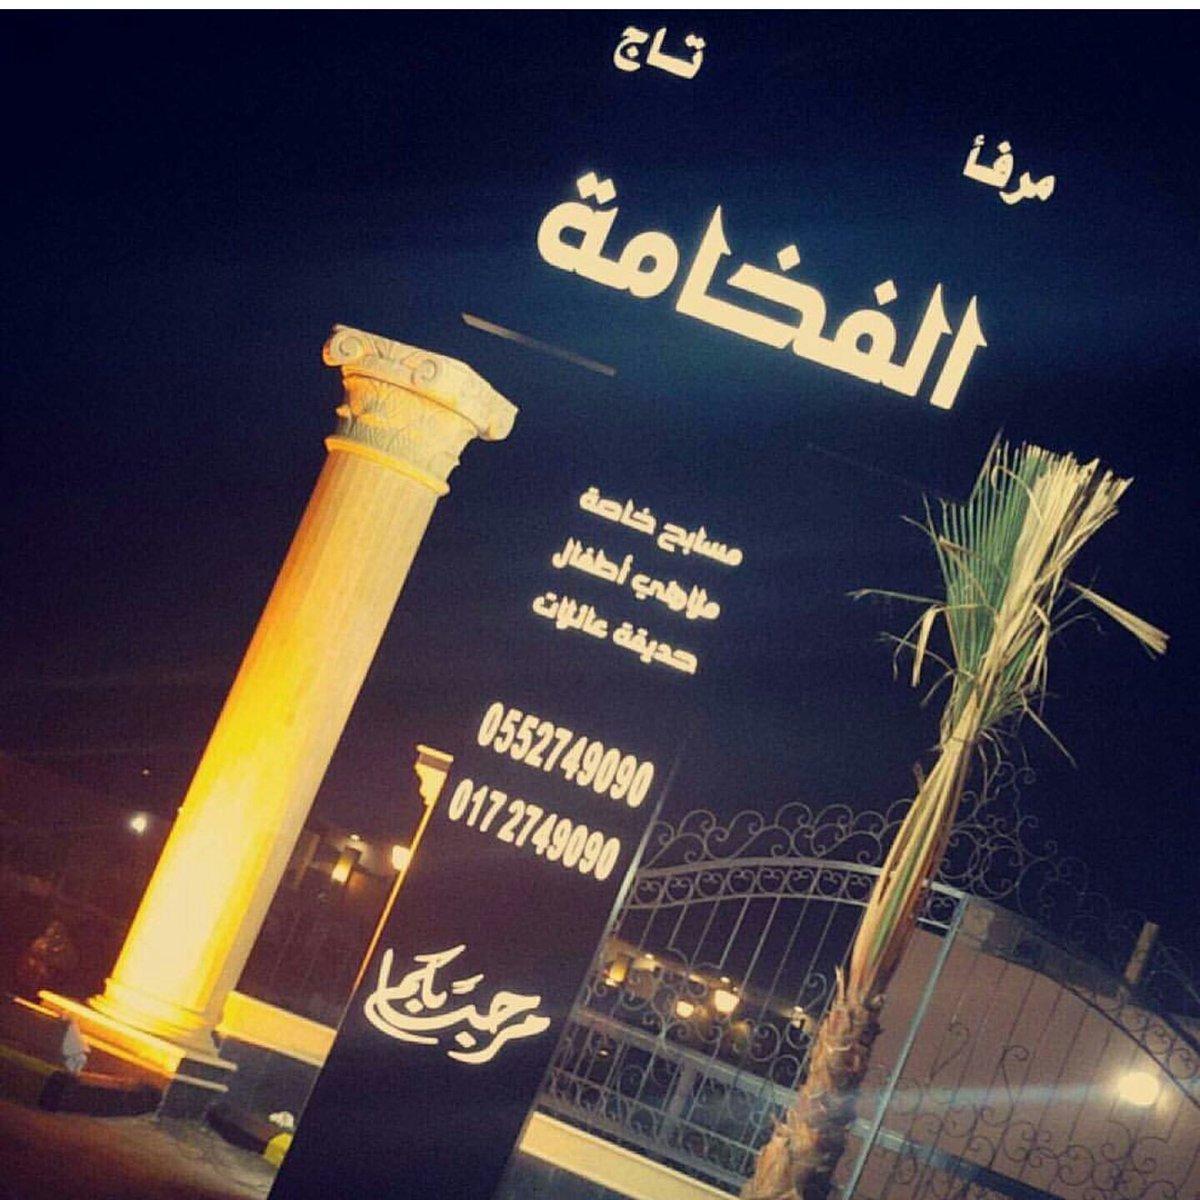 منتجع تاج الفخامة (@tajalfakhamah) | Twitter